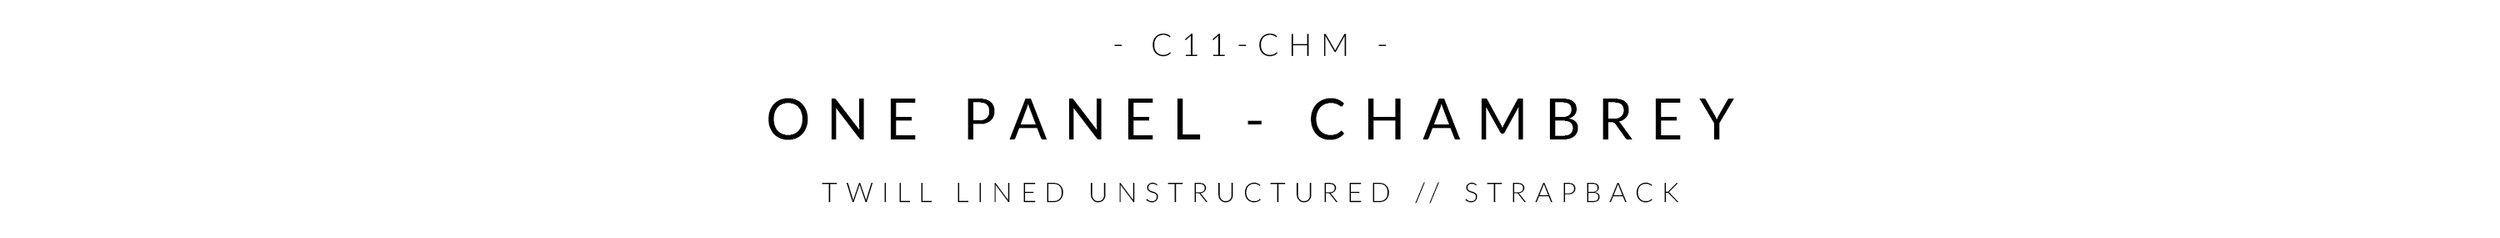 c11-CHM HEADER.jpg